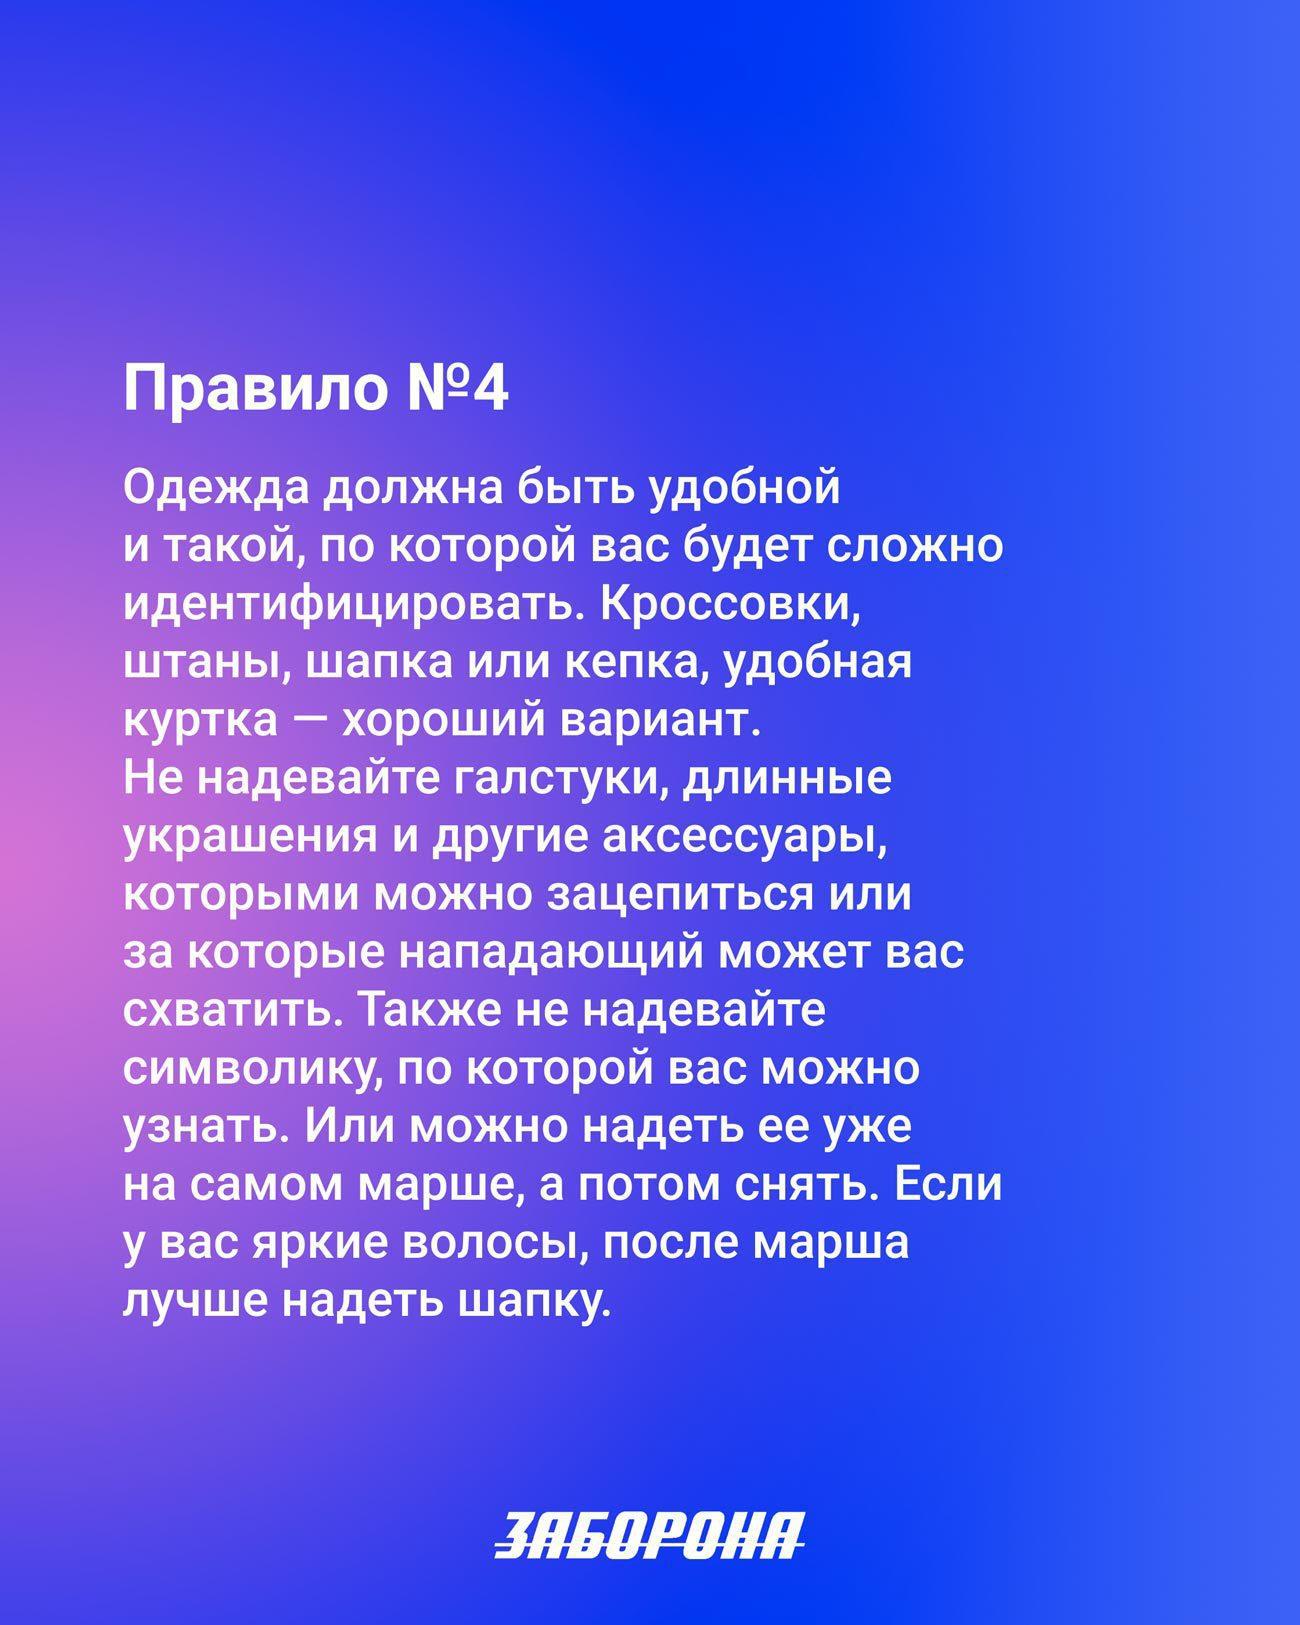 women march cards rule 4 ru - <b>Как сходить на марш и вернуться невредимой.</b> Краткая инструкция по безопасности - Заборона